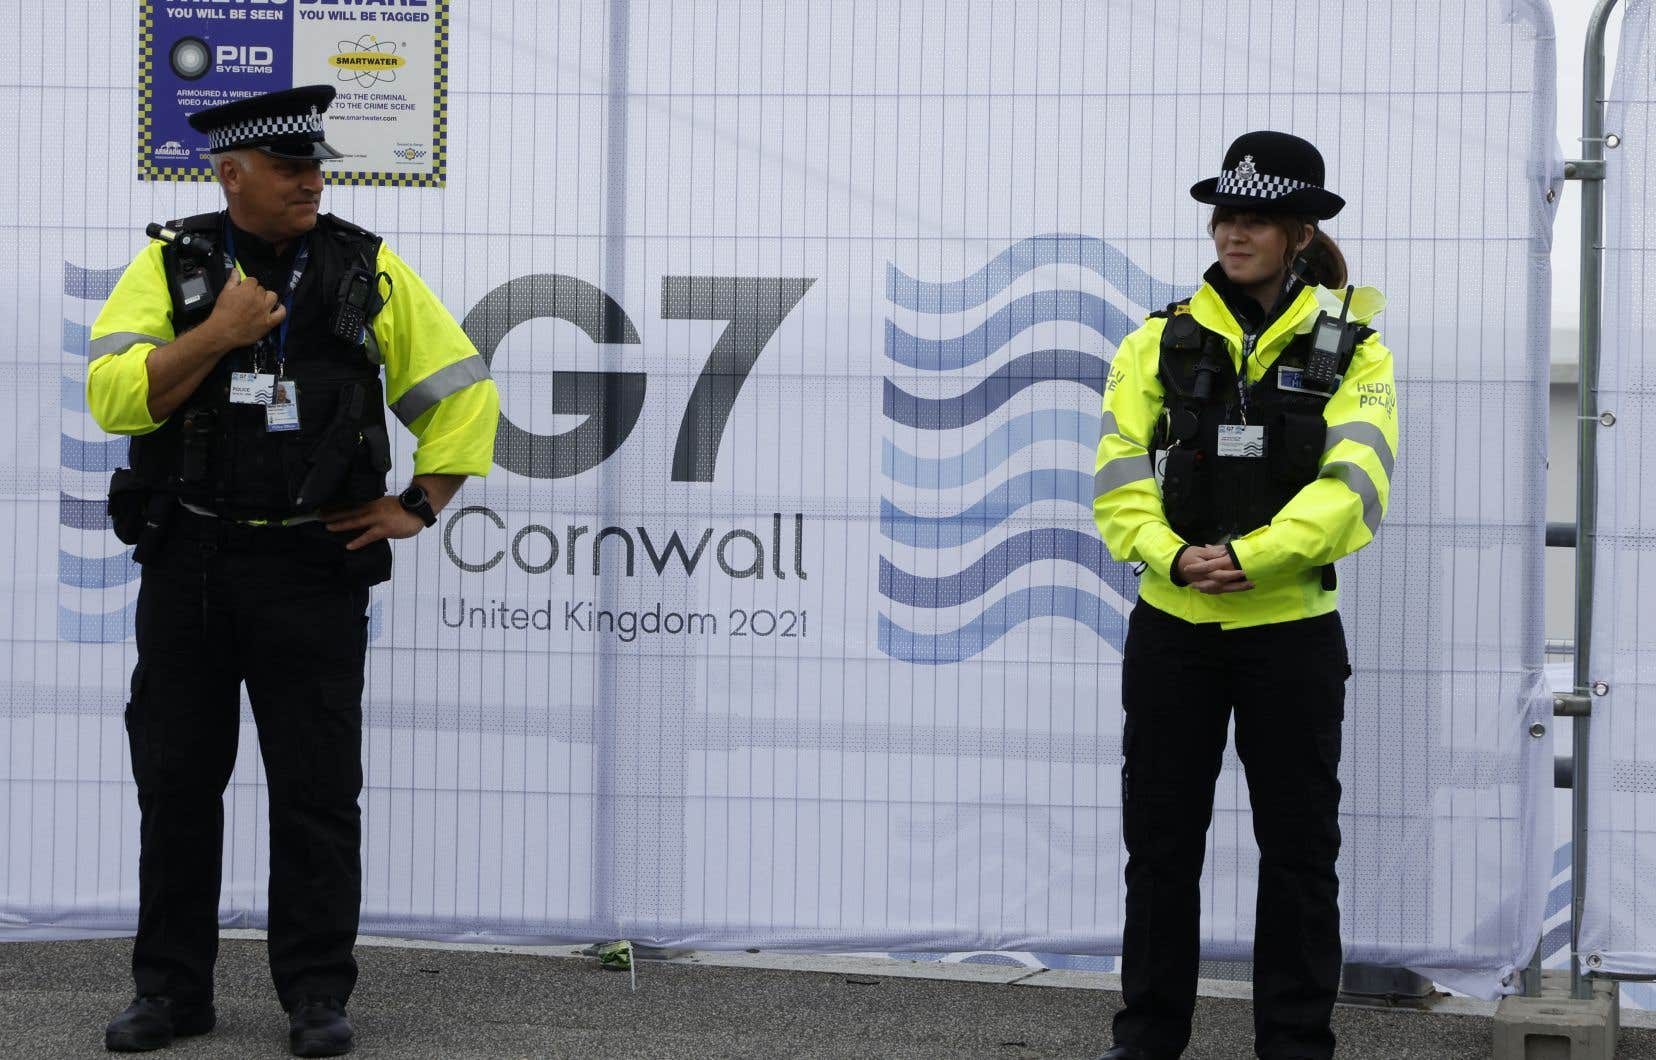 Les dirigeants du G7 se réunissent ce week-end pour la première fois en près de deux ans, pour les pourparlers de trois jours à Carbis Bay, en Cornouailles.